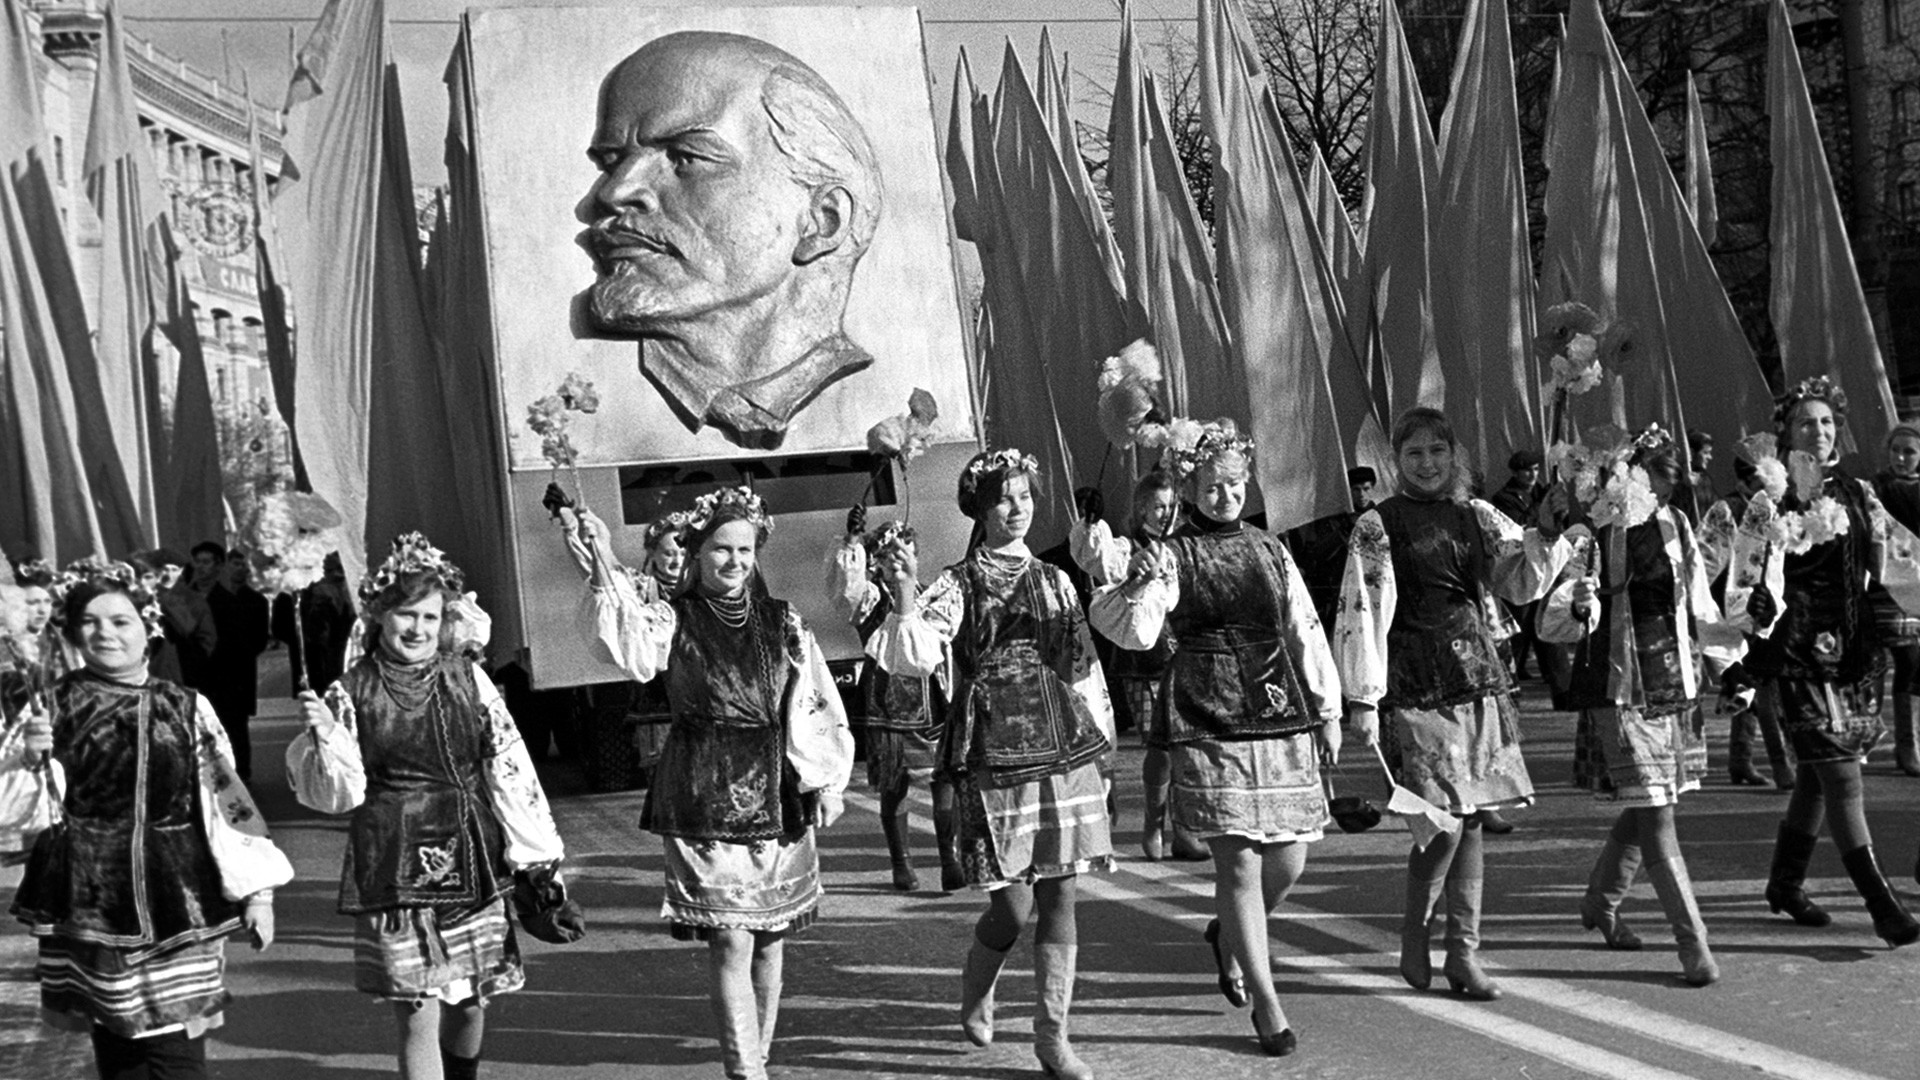 Празднование 53-й годовщины Великой Октябрьской социалистической революции в Киеве, 1970